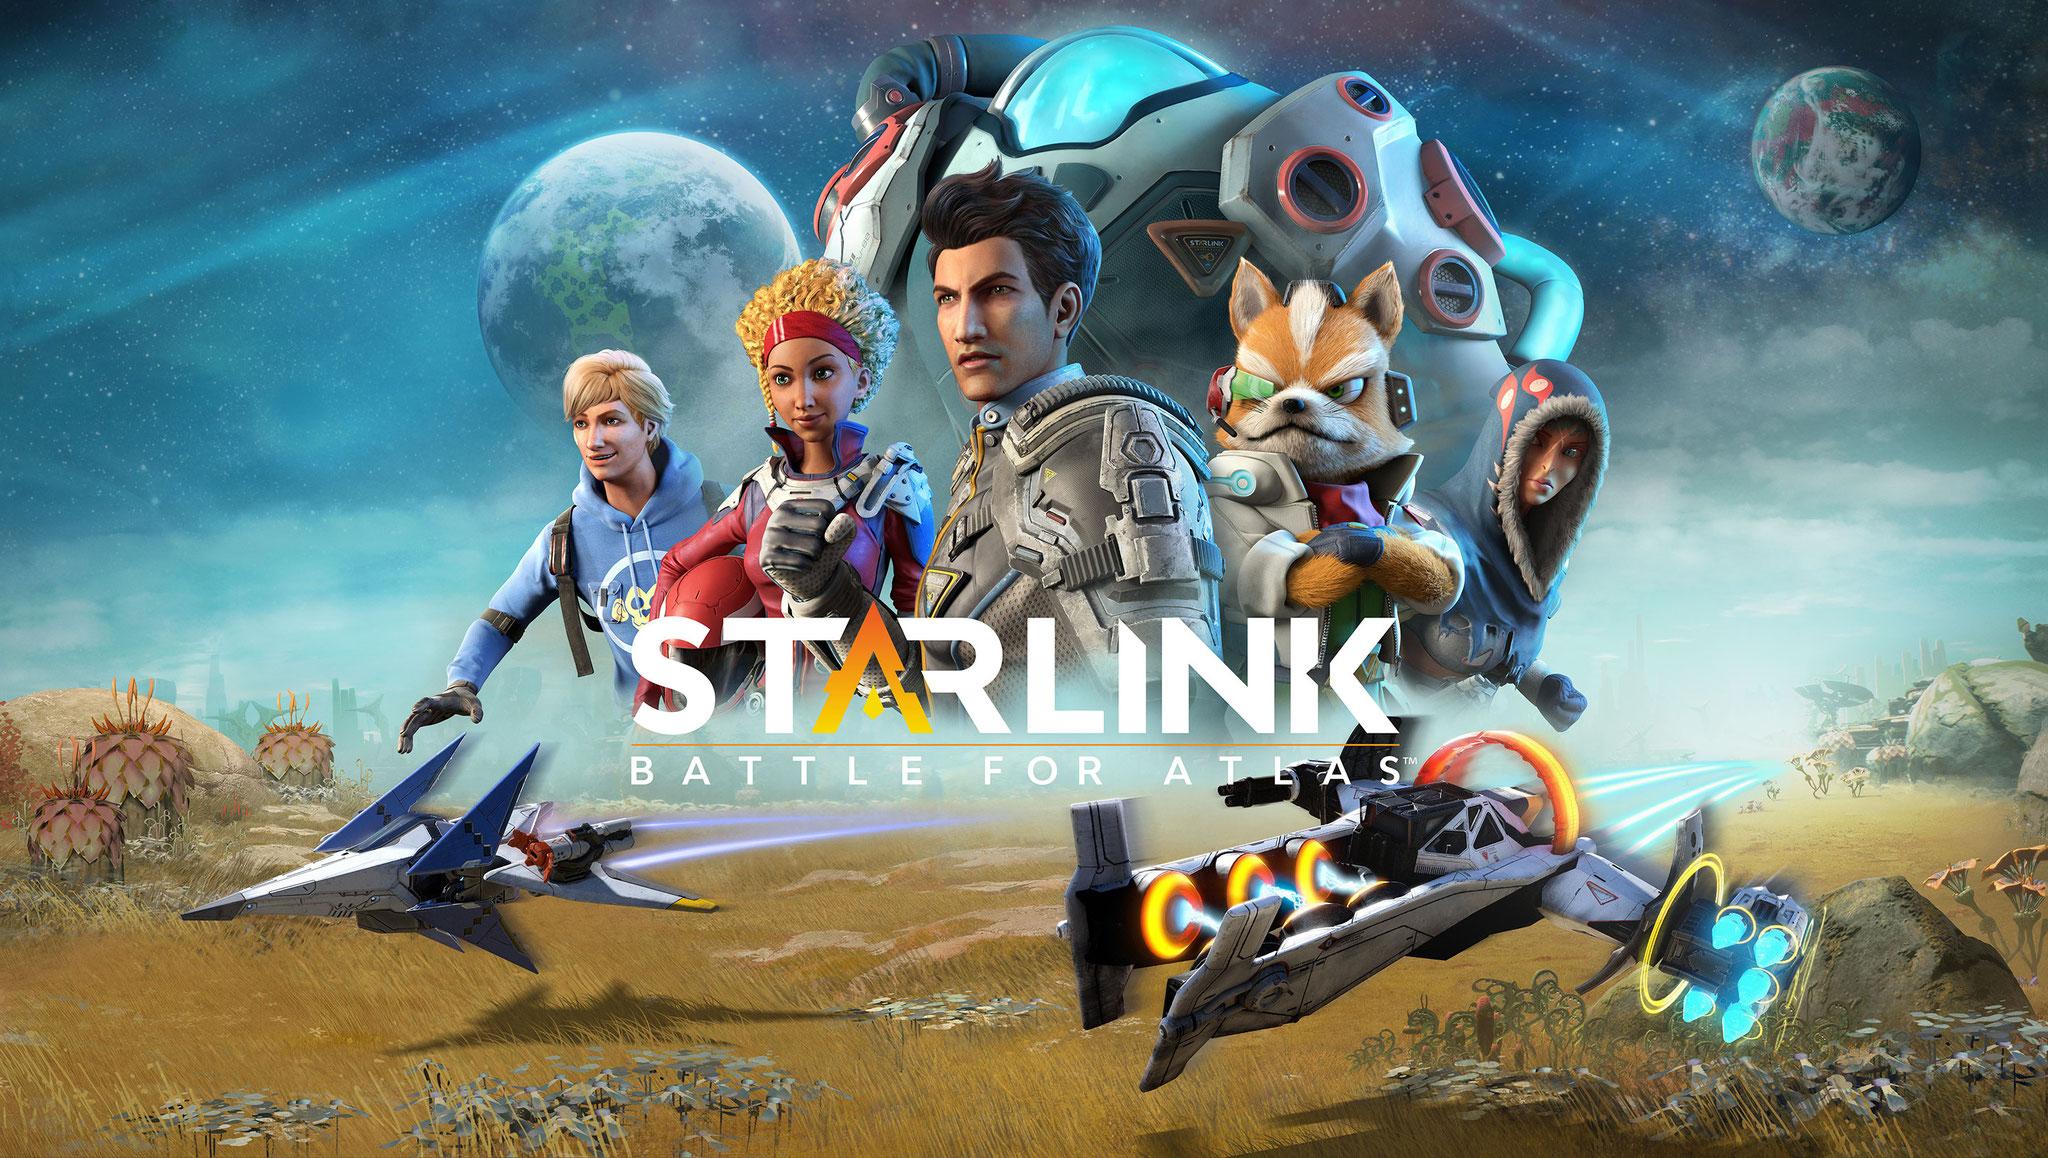 """Spacige Open-World-Action im Sinne von """"Skylanders"""": """"Starlink"""" wird eine Kreuzung aus Spiel und Spielzeug, sogar Nintendos """"Star Fox"""" schwingt sich dafür ins Raumschiff."""